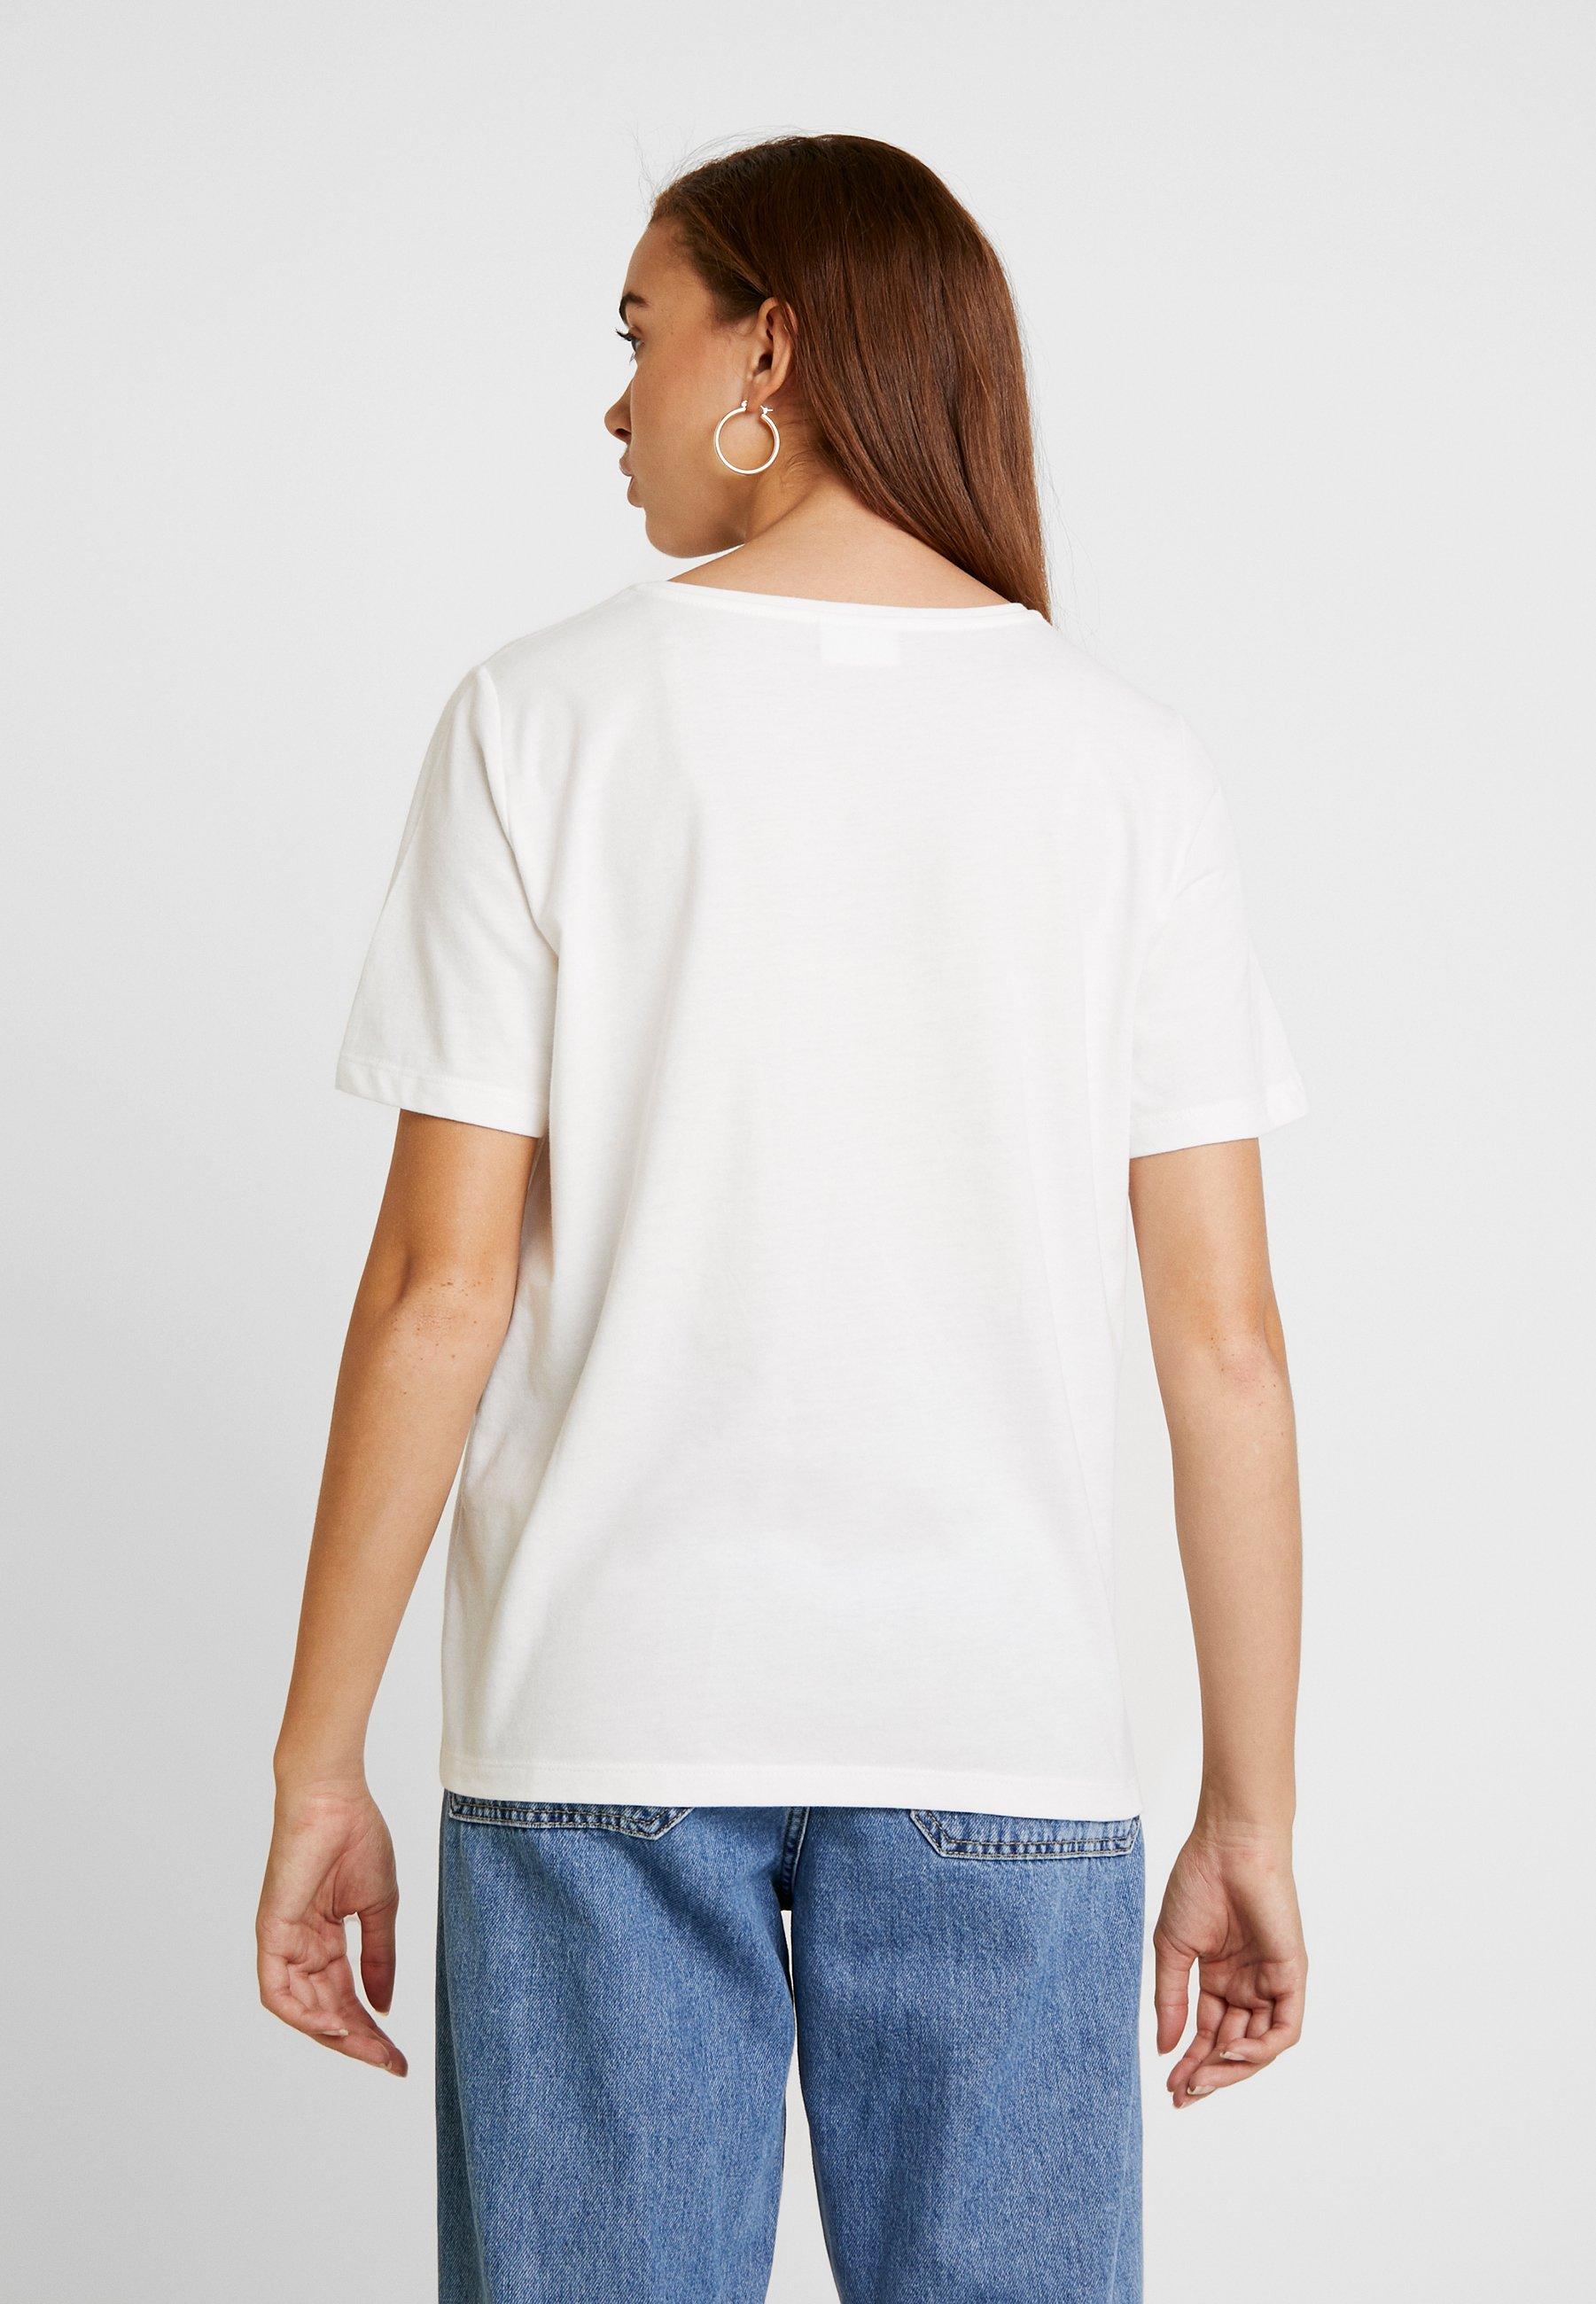 shirt endless Imprimé Cloud VipaigeT Vila Dancer 8kwPX0nO